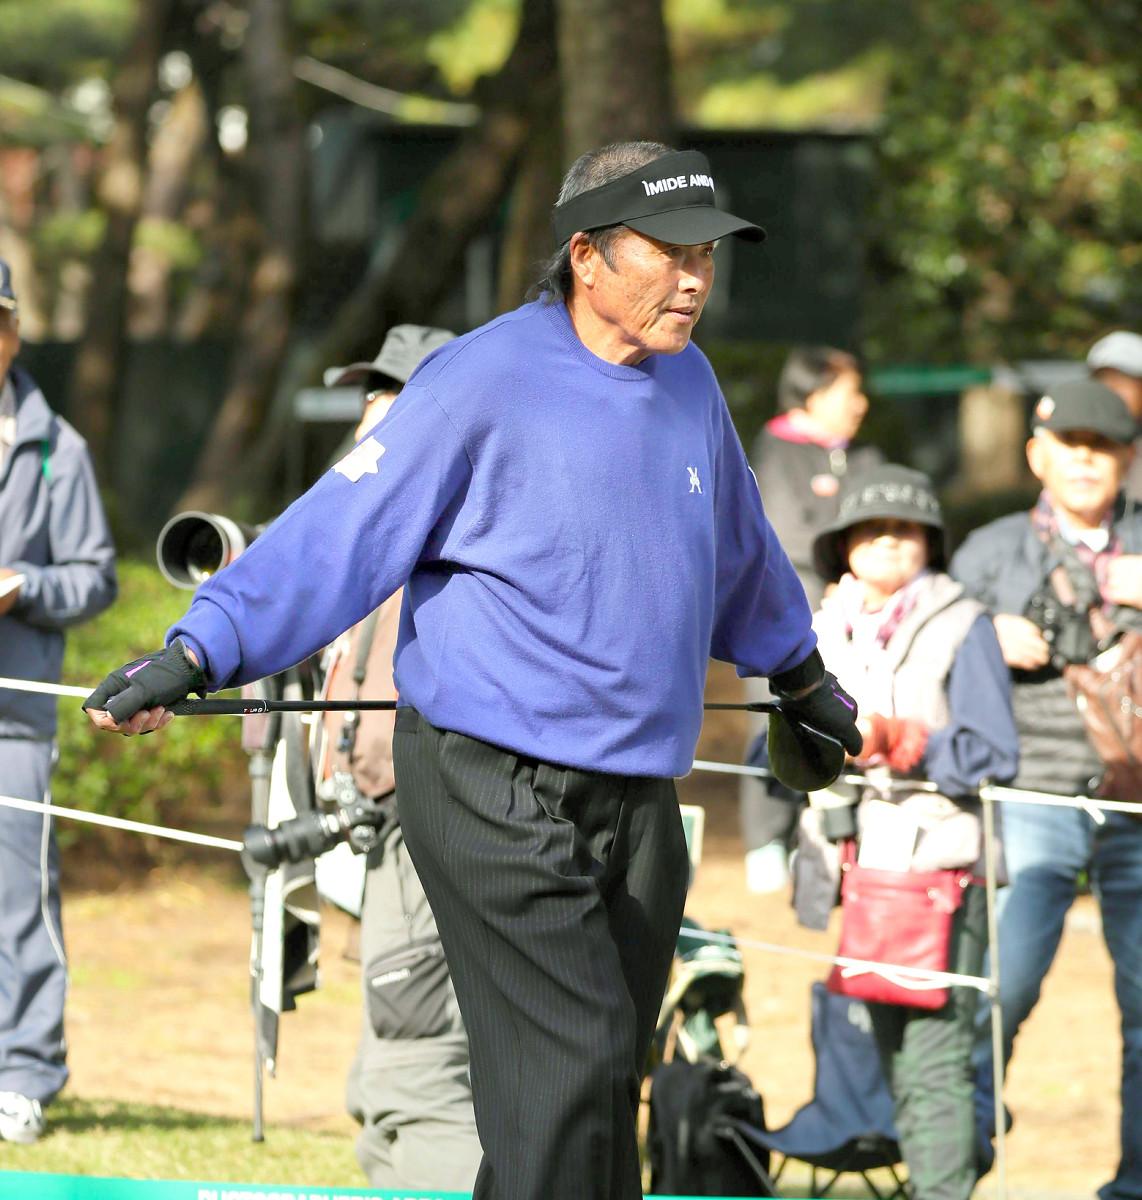 10番、ティーショットを打ち終え、クラブのシャフトを腰に当てて歩き出す尾崎将(カメラ・馬場 秀則)